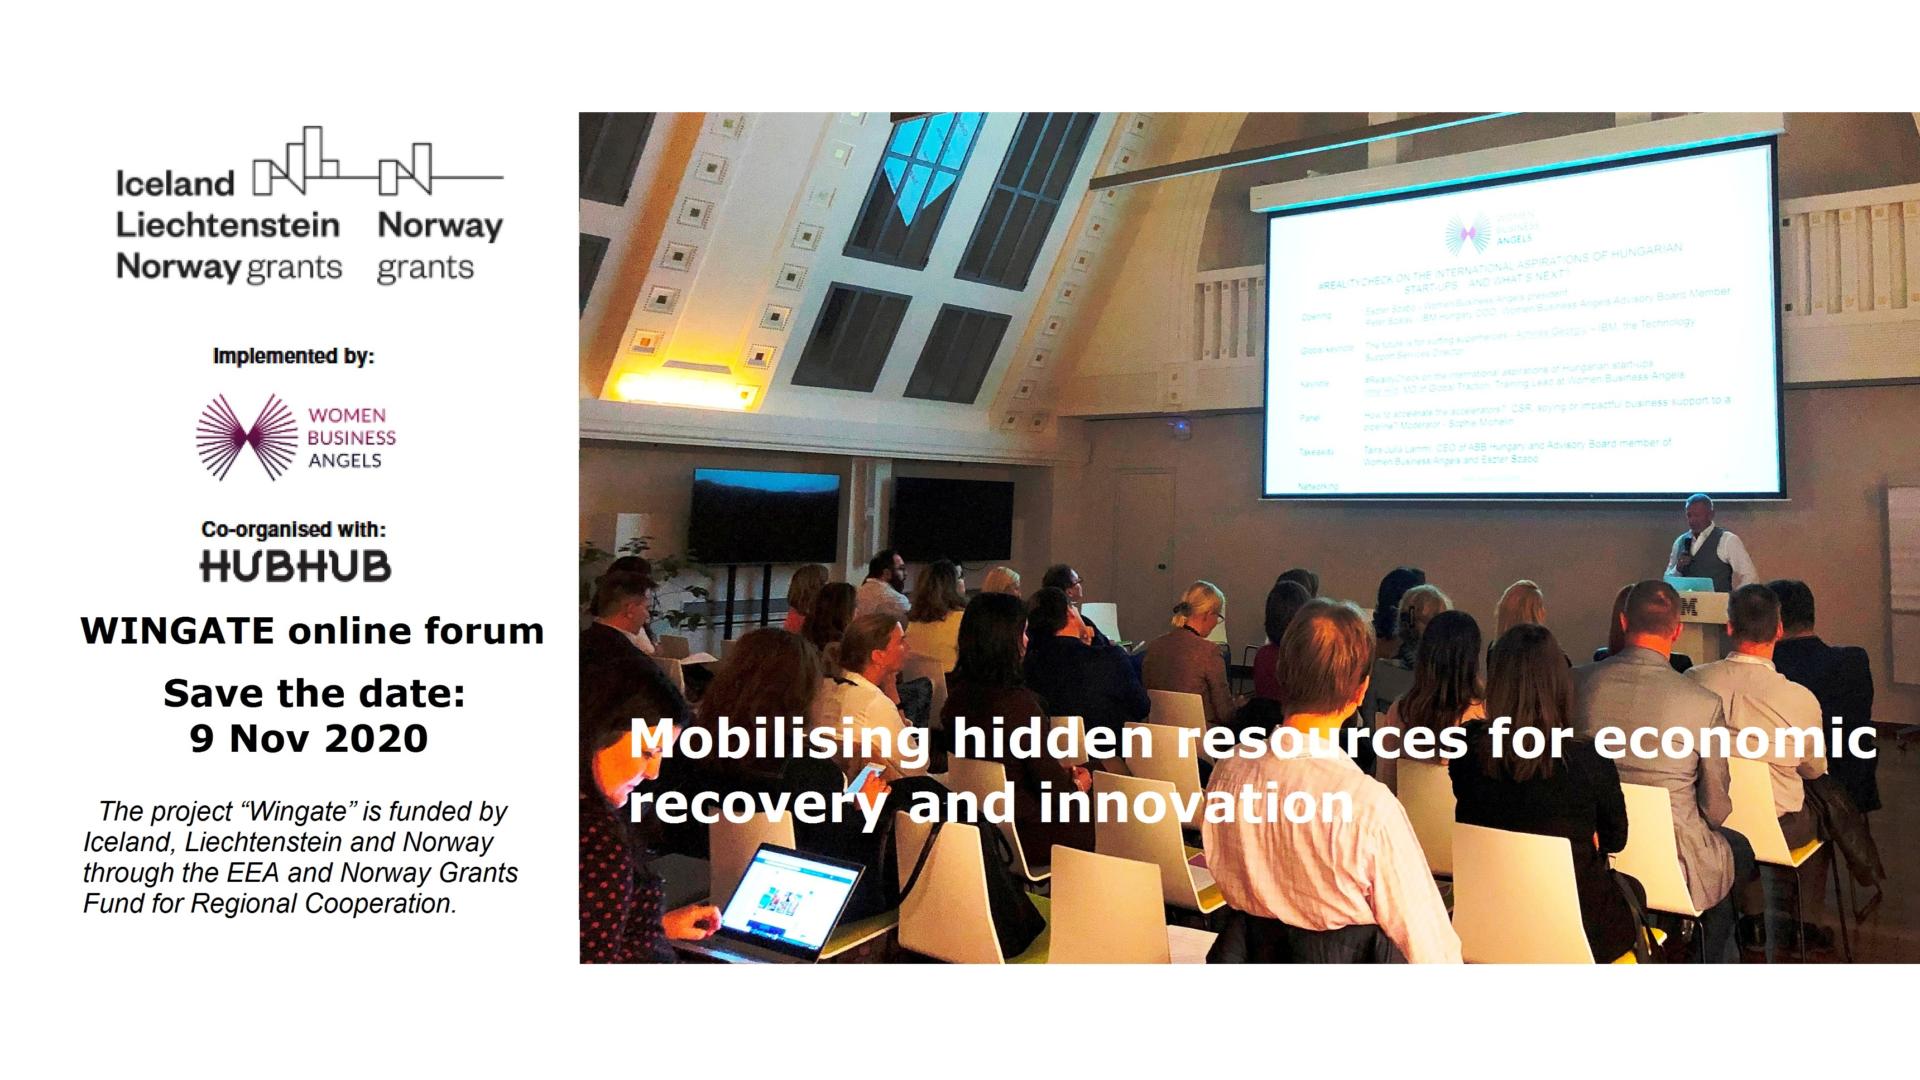 Rejtett források mobilizálása a gazdasági fellendülés és az innováció érdekében Közép- és Kelet-Európában